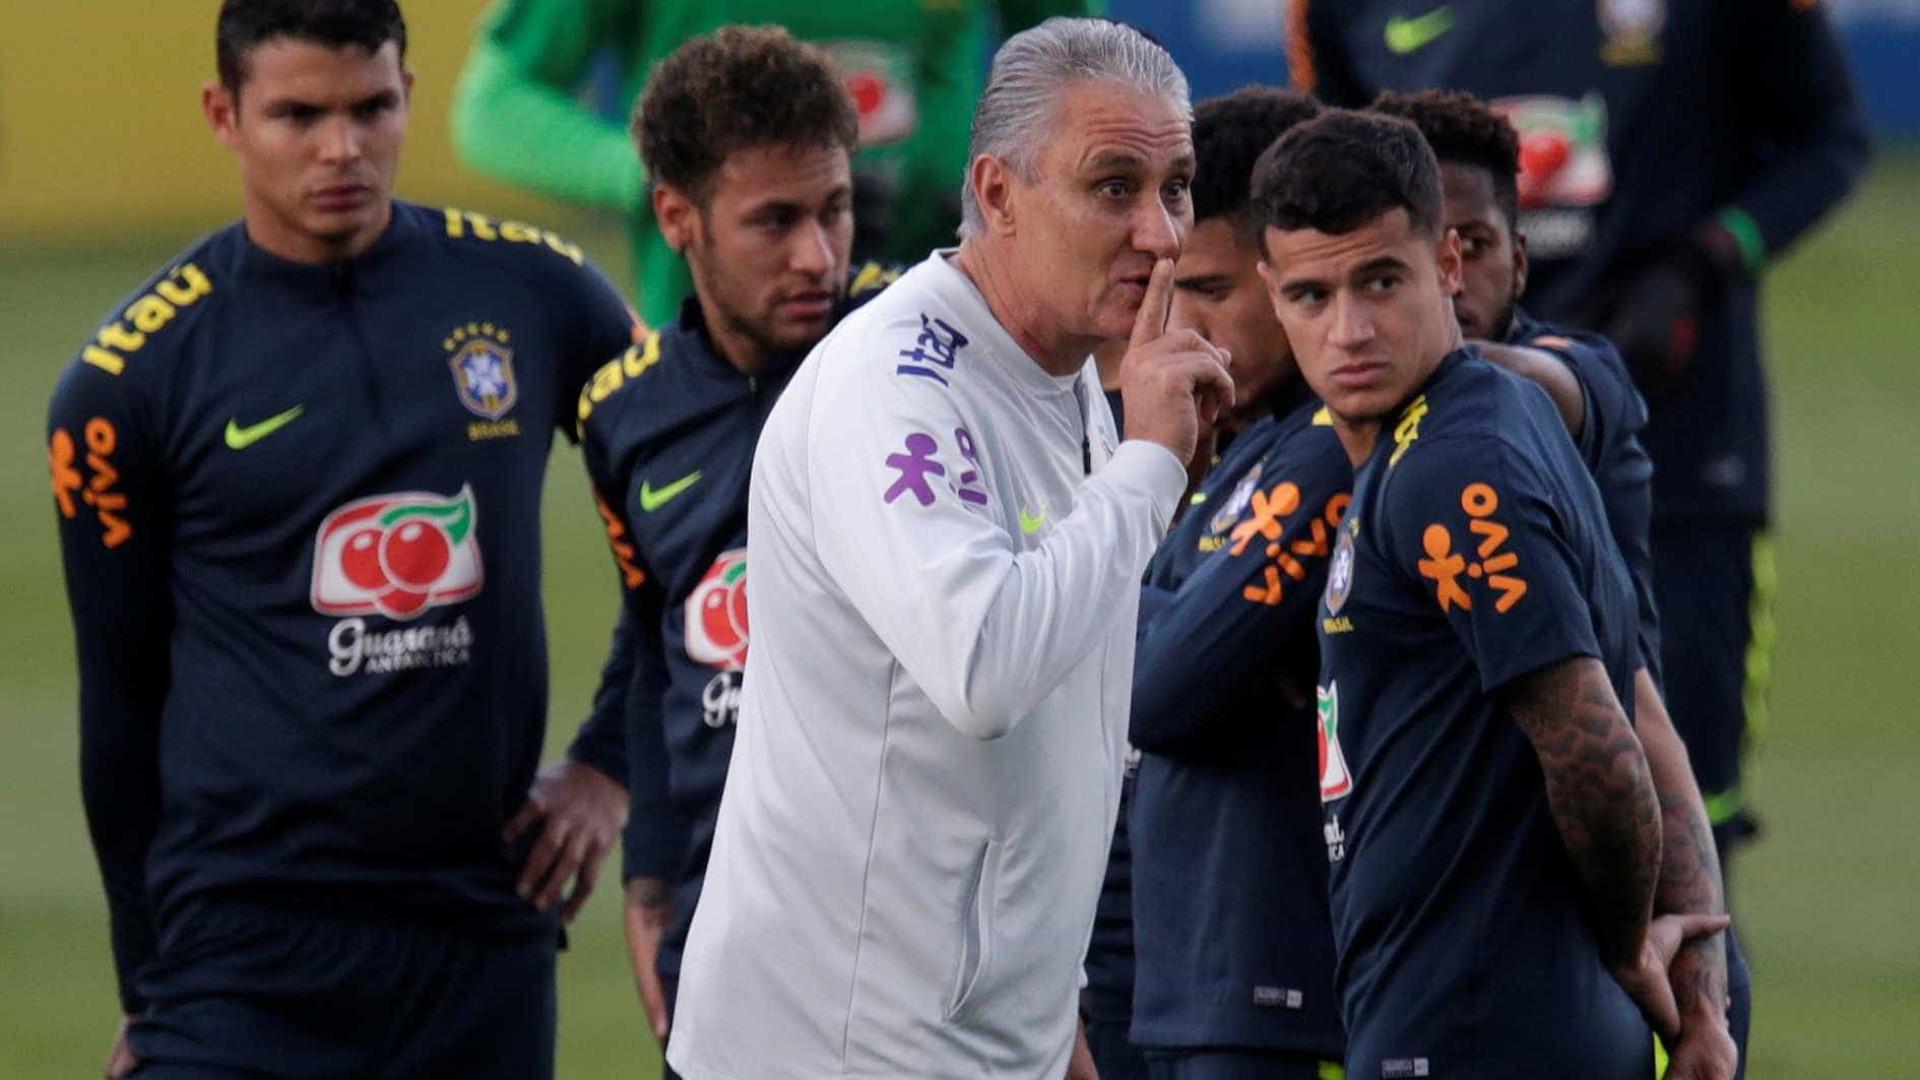 Tite arma seleção ofensiva em amistoso, mas não confirma equipe da Copa